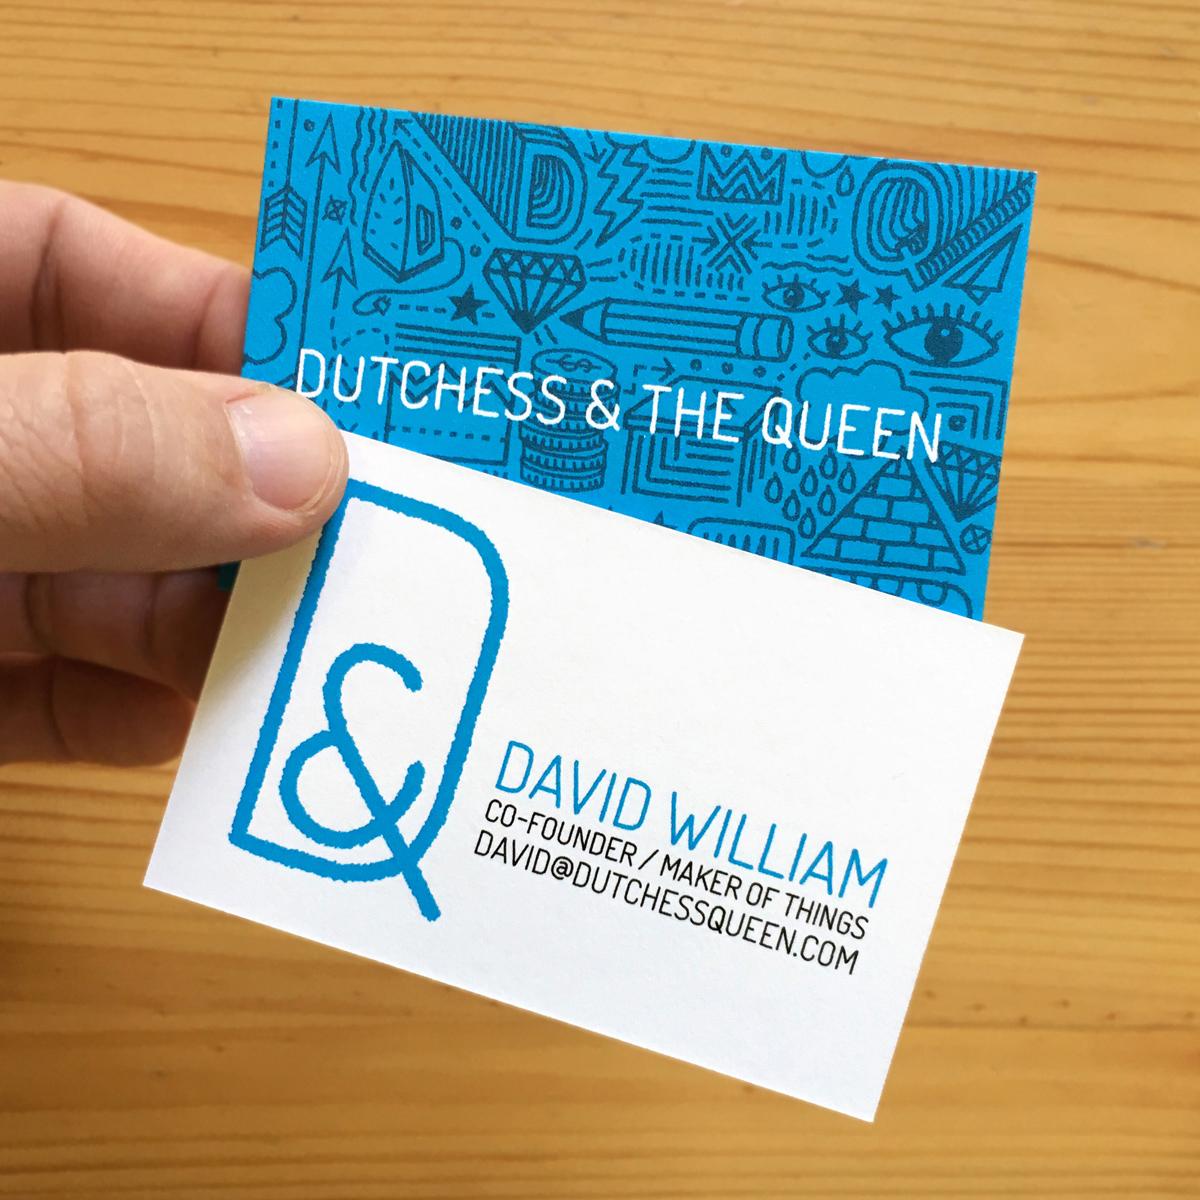 DutchessQueen_biz-card_in-hand.jpg